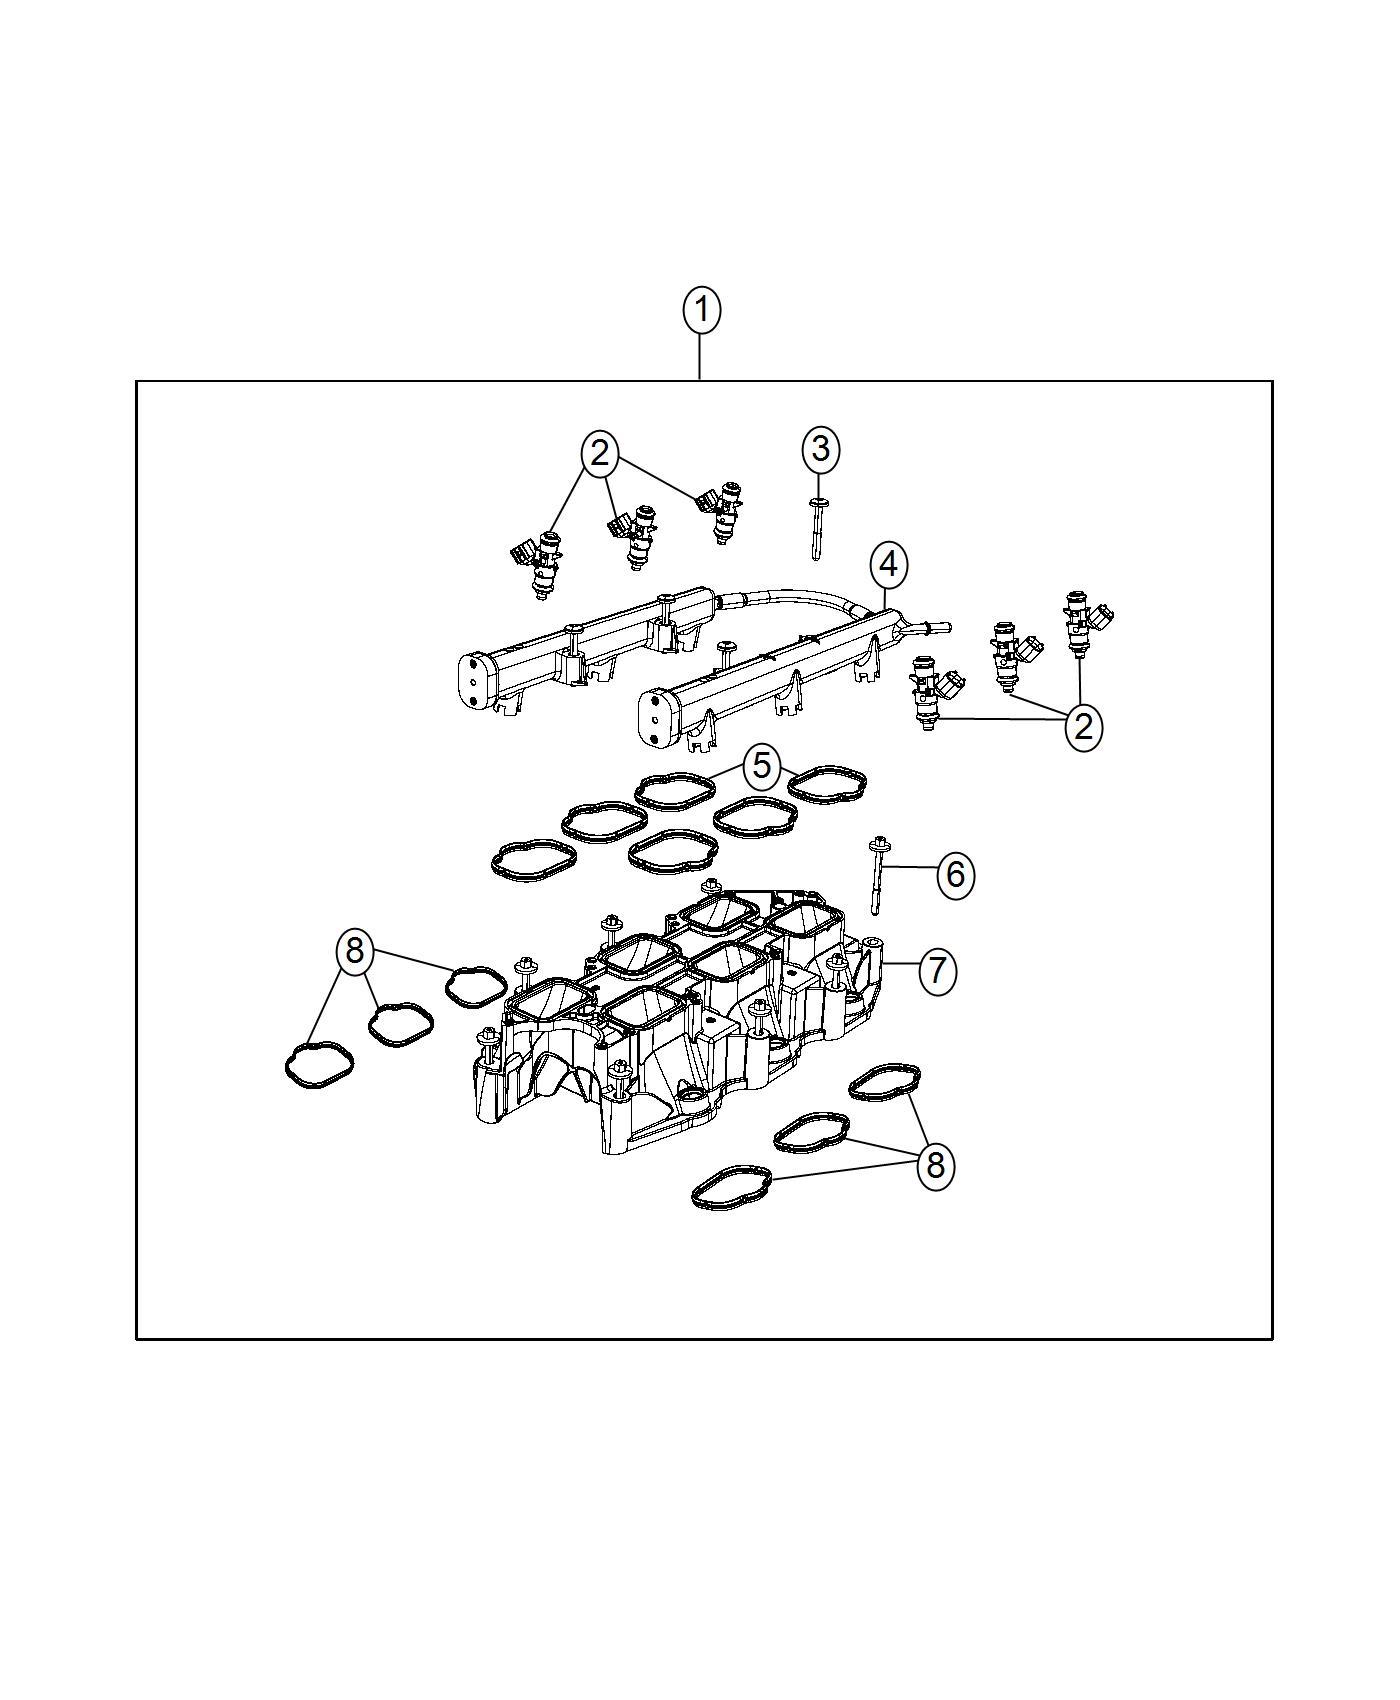 Dodge Durango Gasket. Intake manifold. Intake manifold to